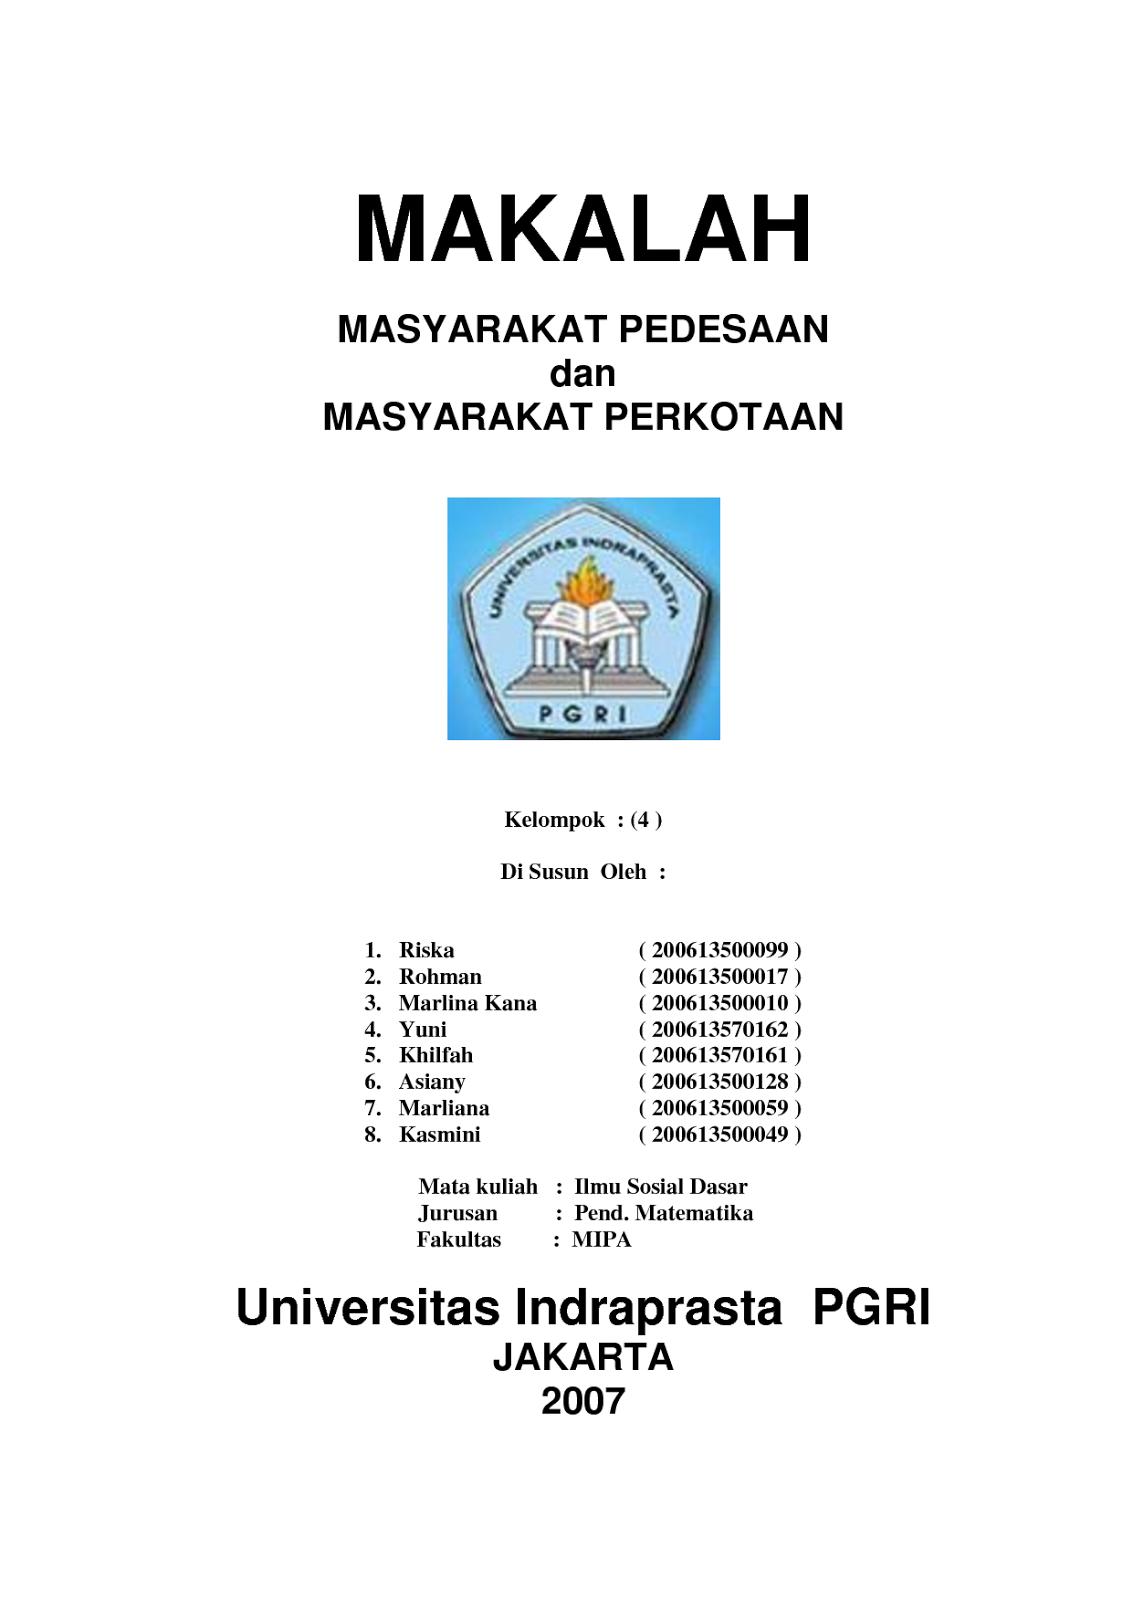 CONTOH RESUME BAHASA INDONESIA DAN INGGRIS: contoh makalah ...